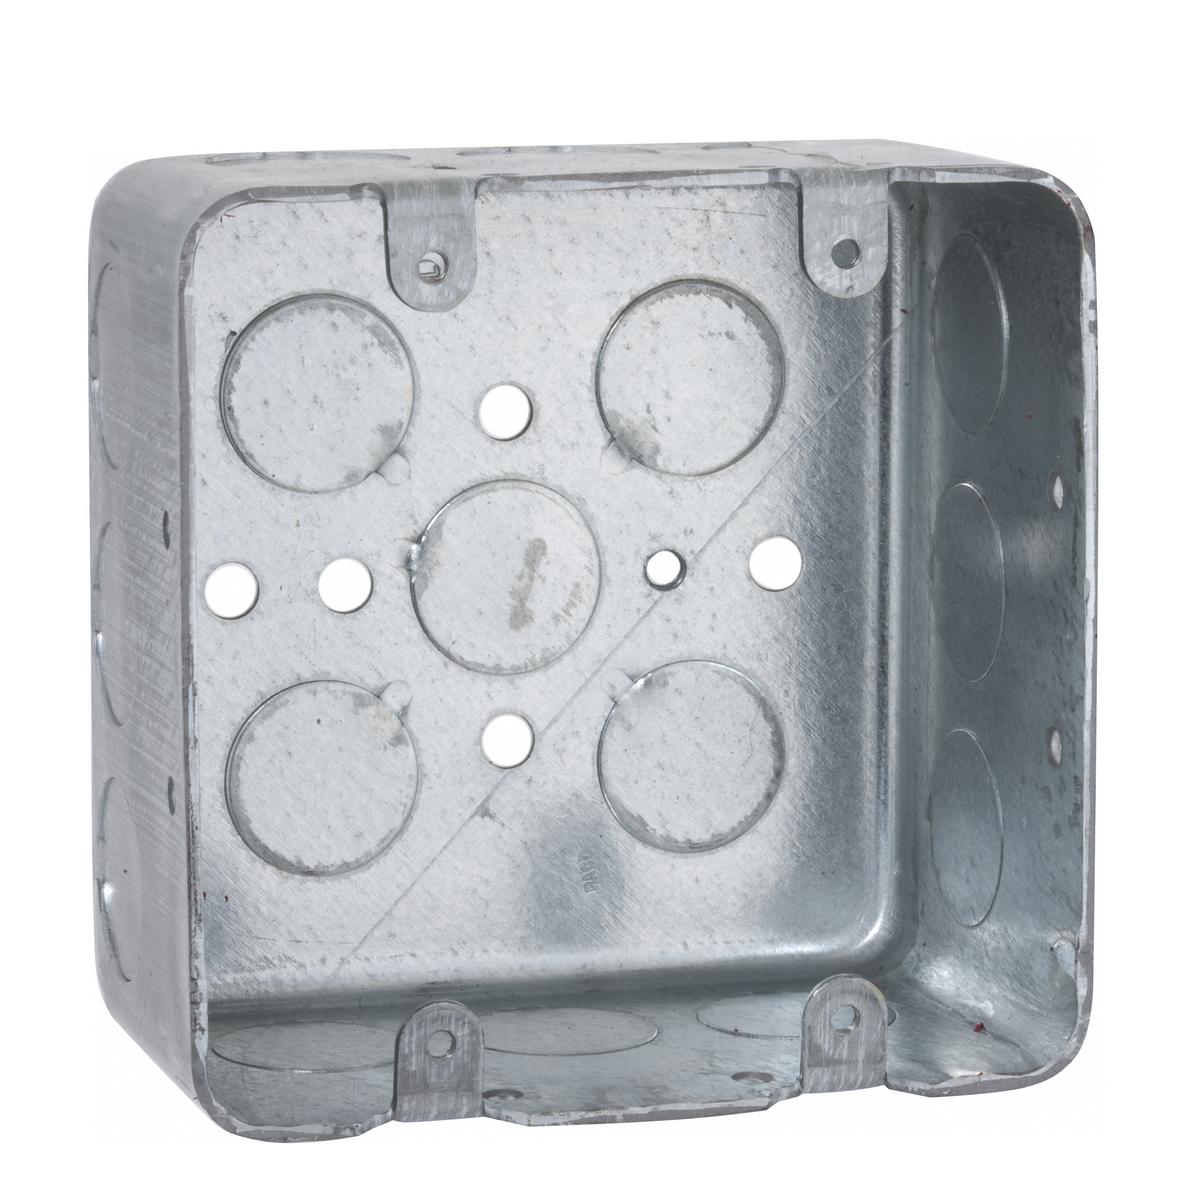 2-GANG HANDY BOX 2-1/8 DEEP 1/2 KO